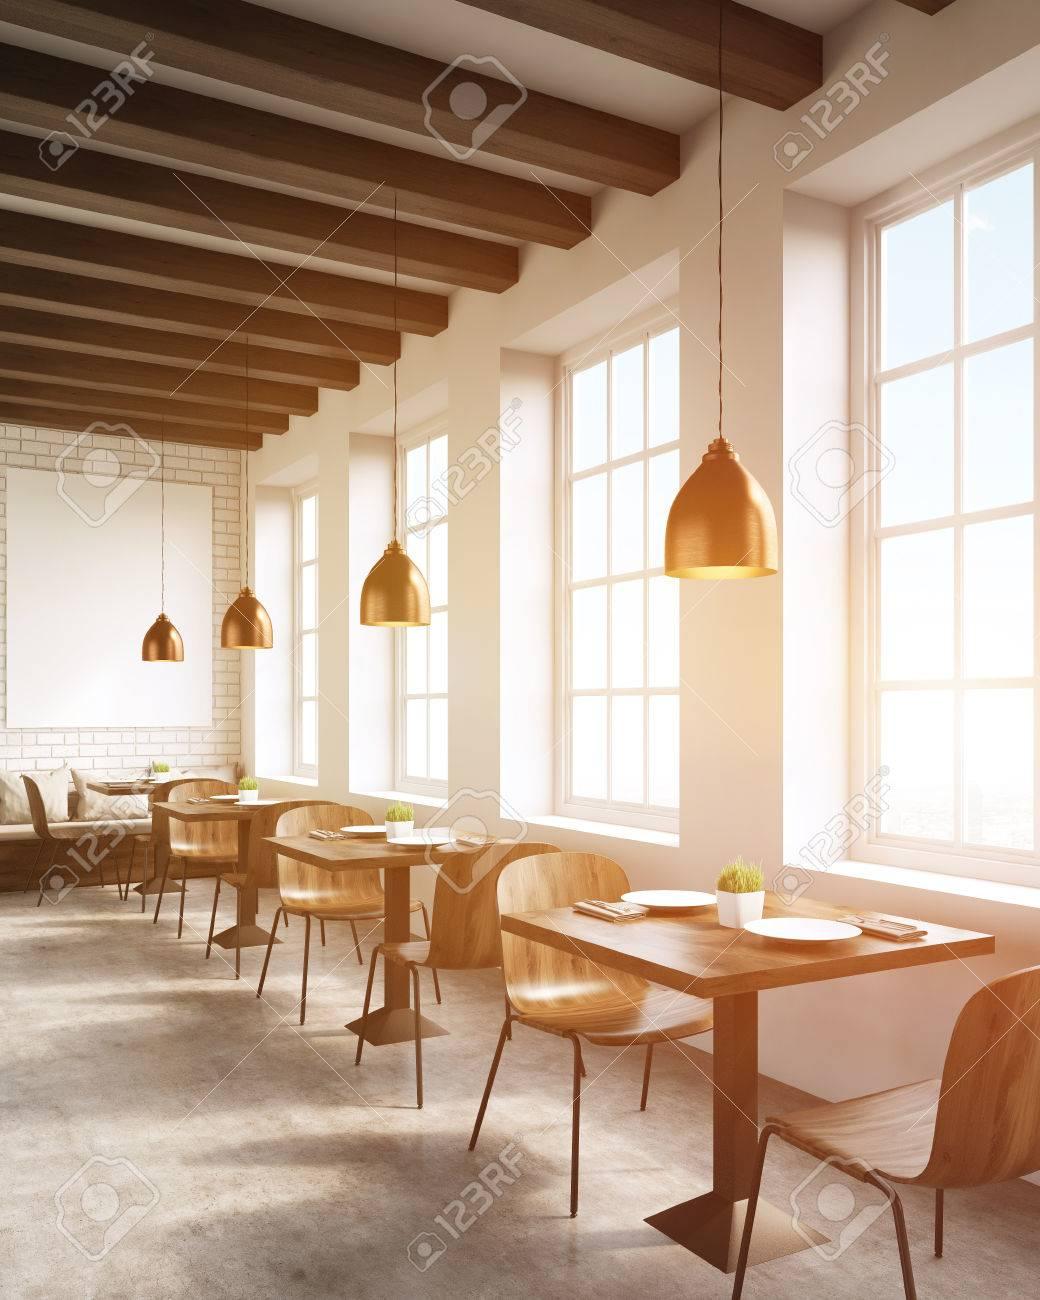 85e9cd714a10 Foto de archivo - Interior del restaurante en la gran ciudad. Sillas,  mesas, sofás y lámparas de techo. Concepto de promoción de negocios  locales. Las 3D.